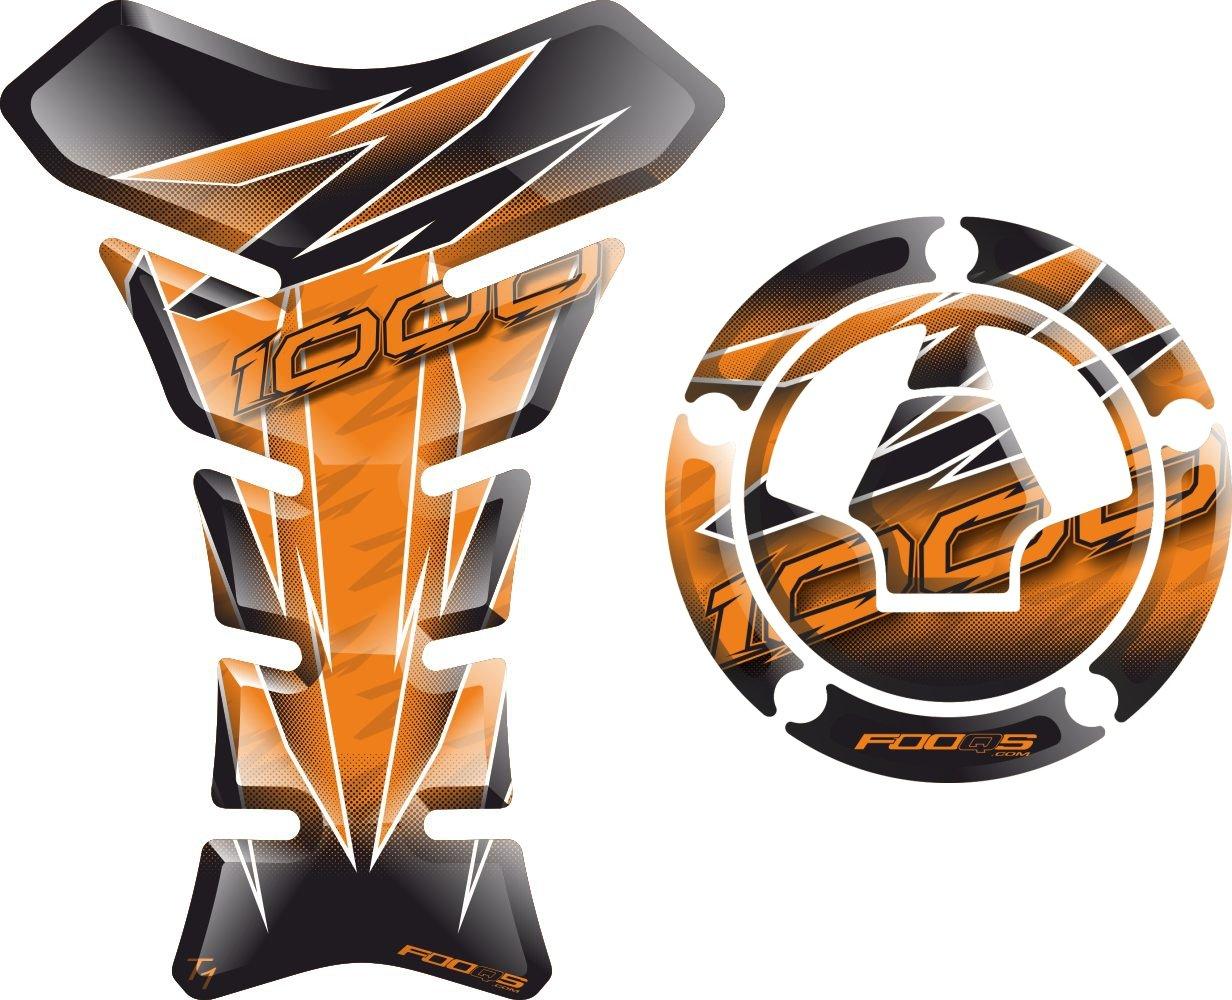 Set Tankpad + cappad Moto Tank 3 D 3d Gel autocollants Gas Cap Pad Cap de Pad cappad Couverture autocollants Tank Pad Tank Pad Pad de ré servoir pour Kawasaki Z1000 Z 1000 (Orange) Fooqs